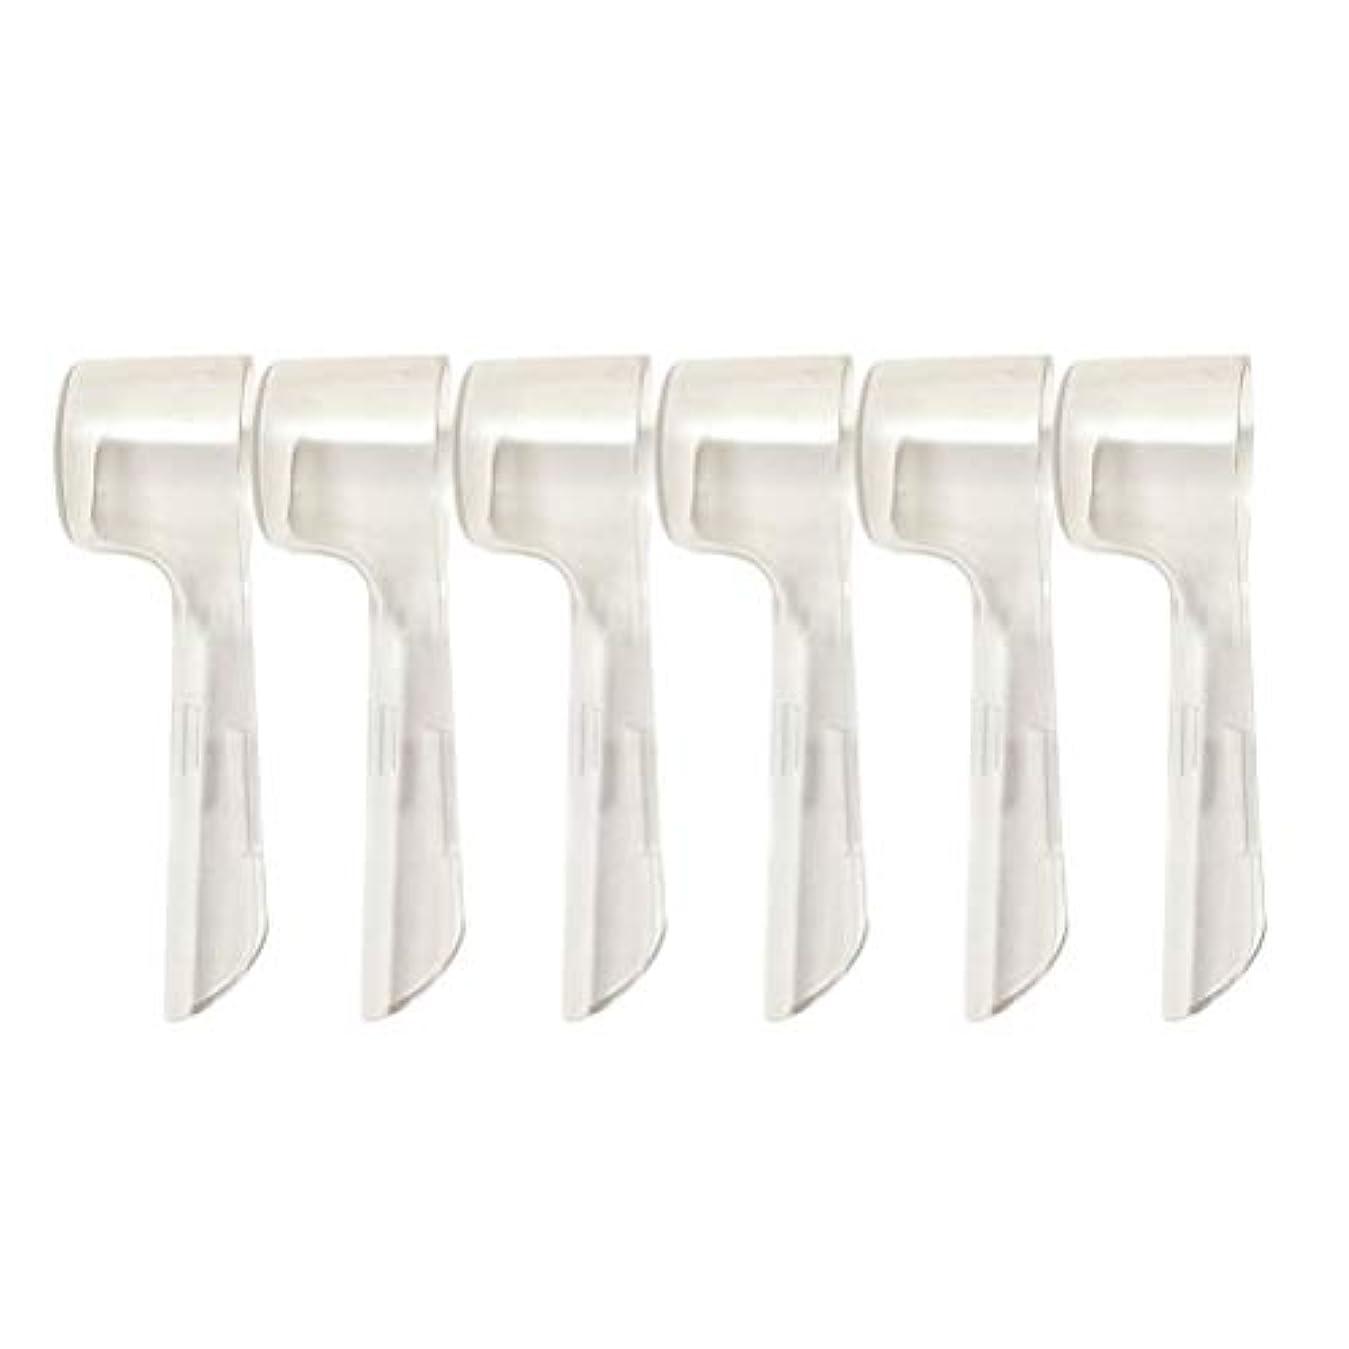 朝ほこり風邪をひくSUPVOX 旅行のために便利な電動歯ブラシのための10本の歯ブラシヘッドカバー